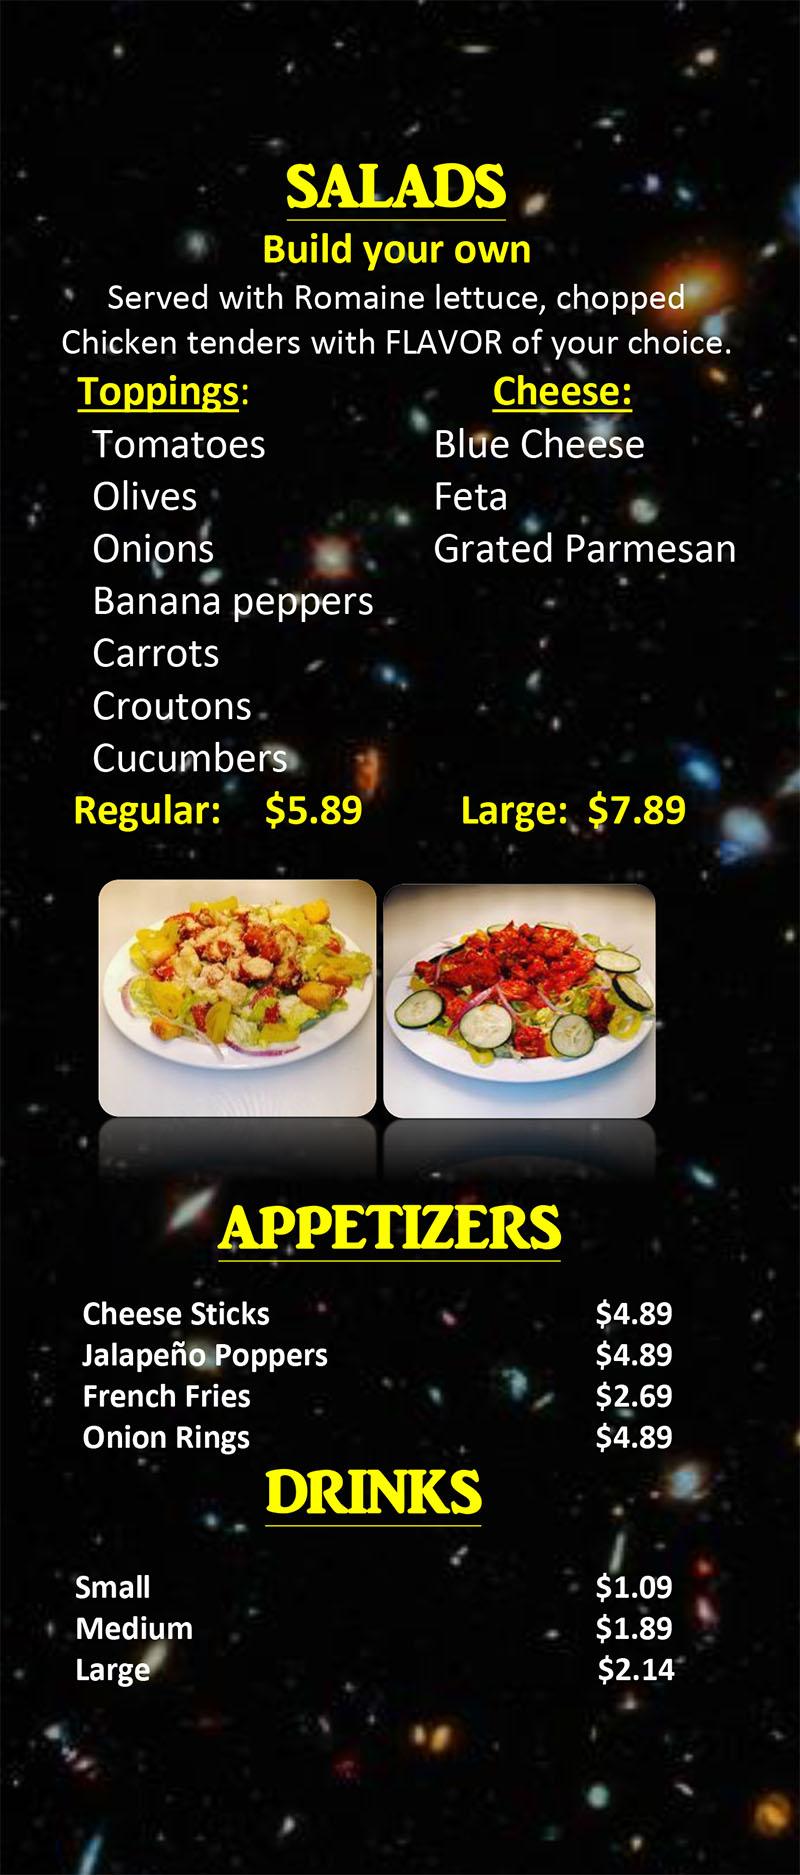 Stellar Wings menu - salads, appetizers, drinks